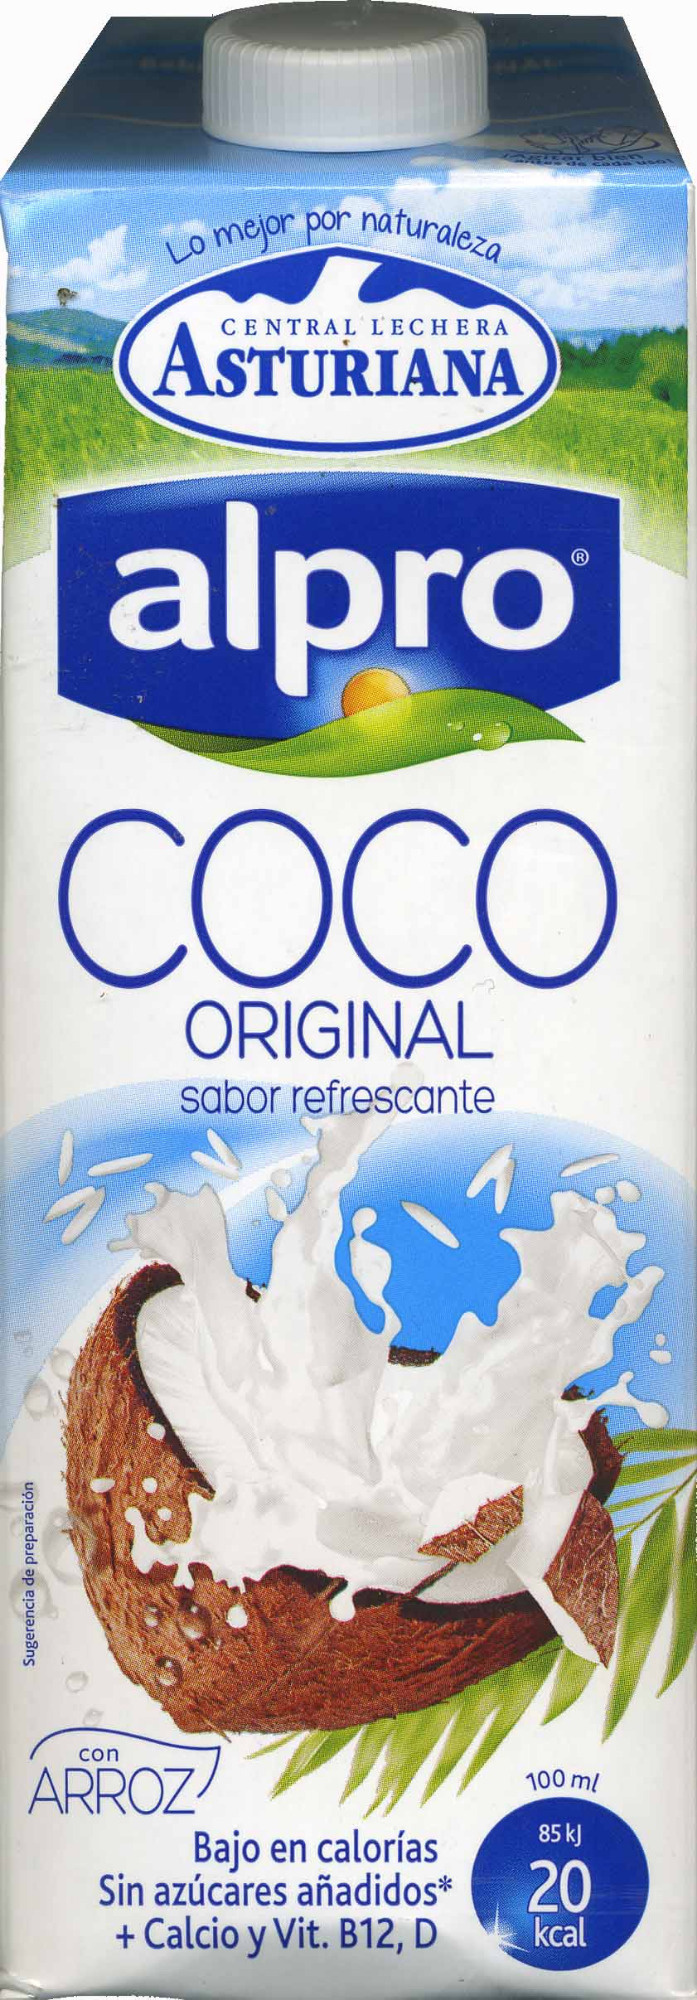 Bebida de coco sin azúcares añadidos bajo calorías - Produit - es